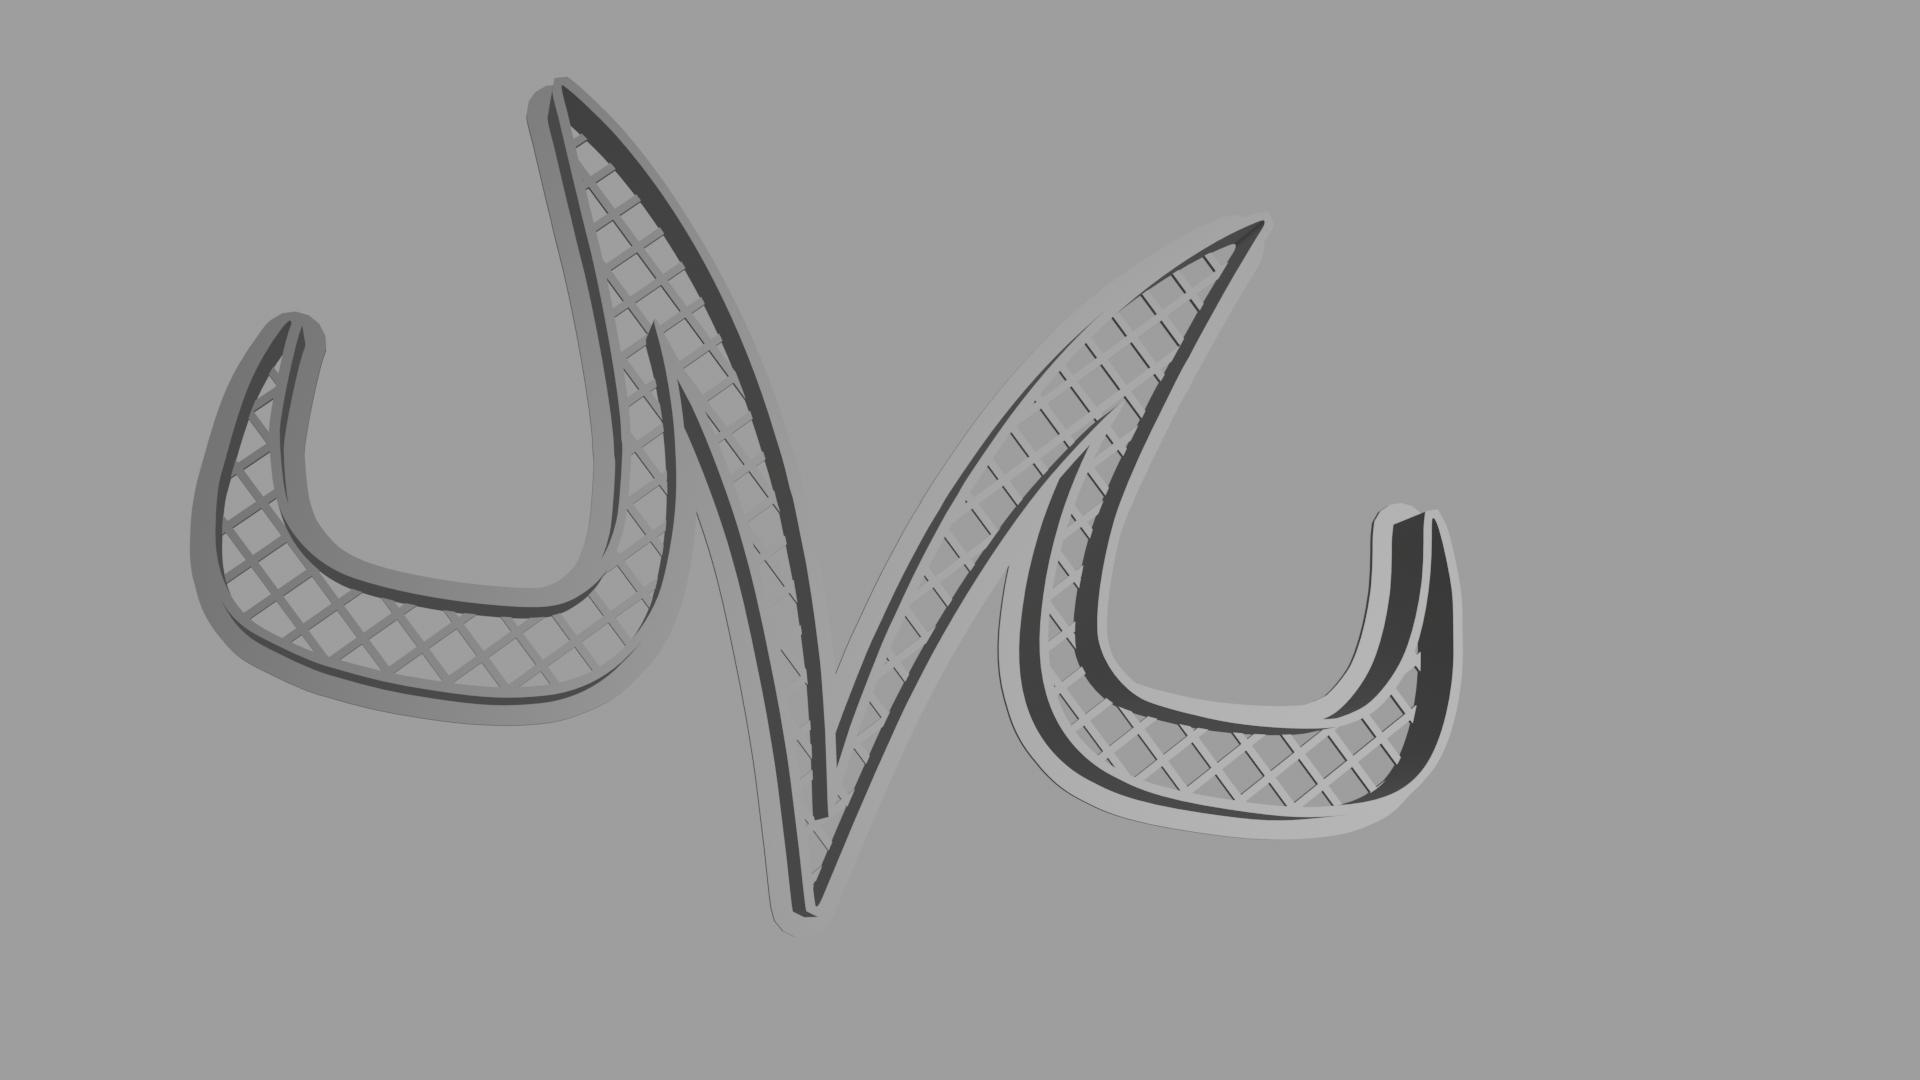 Download Stl File Majin Vegeta Logo Cookie Cutter 3d Printer Model Cults